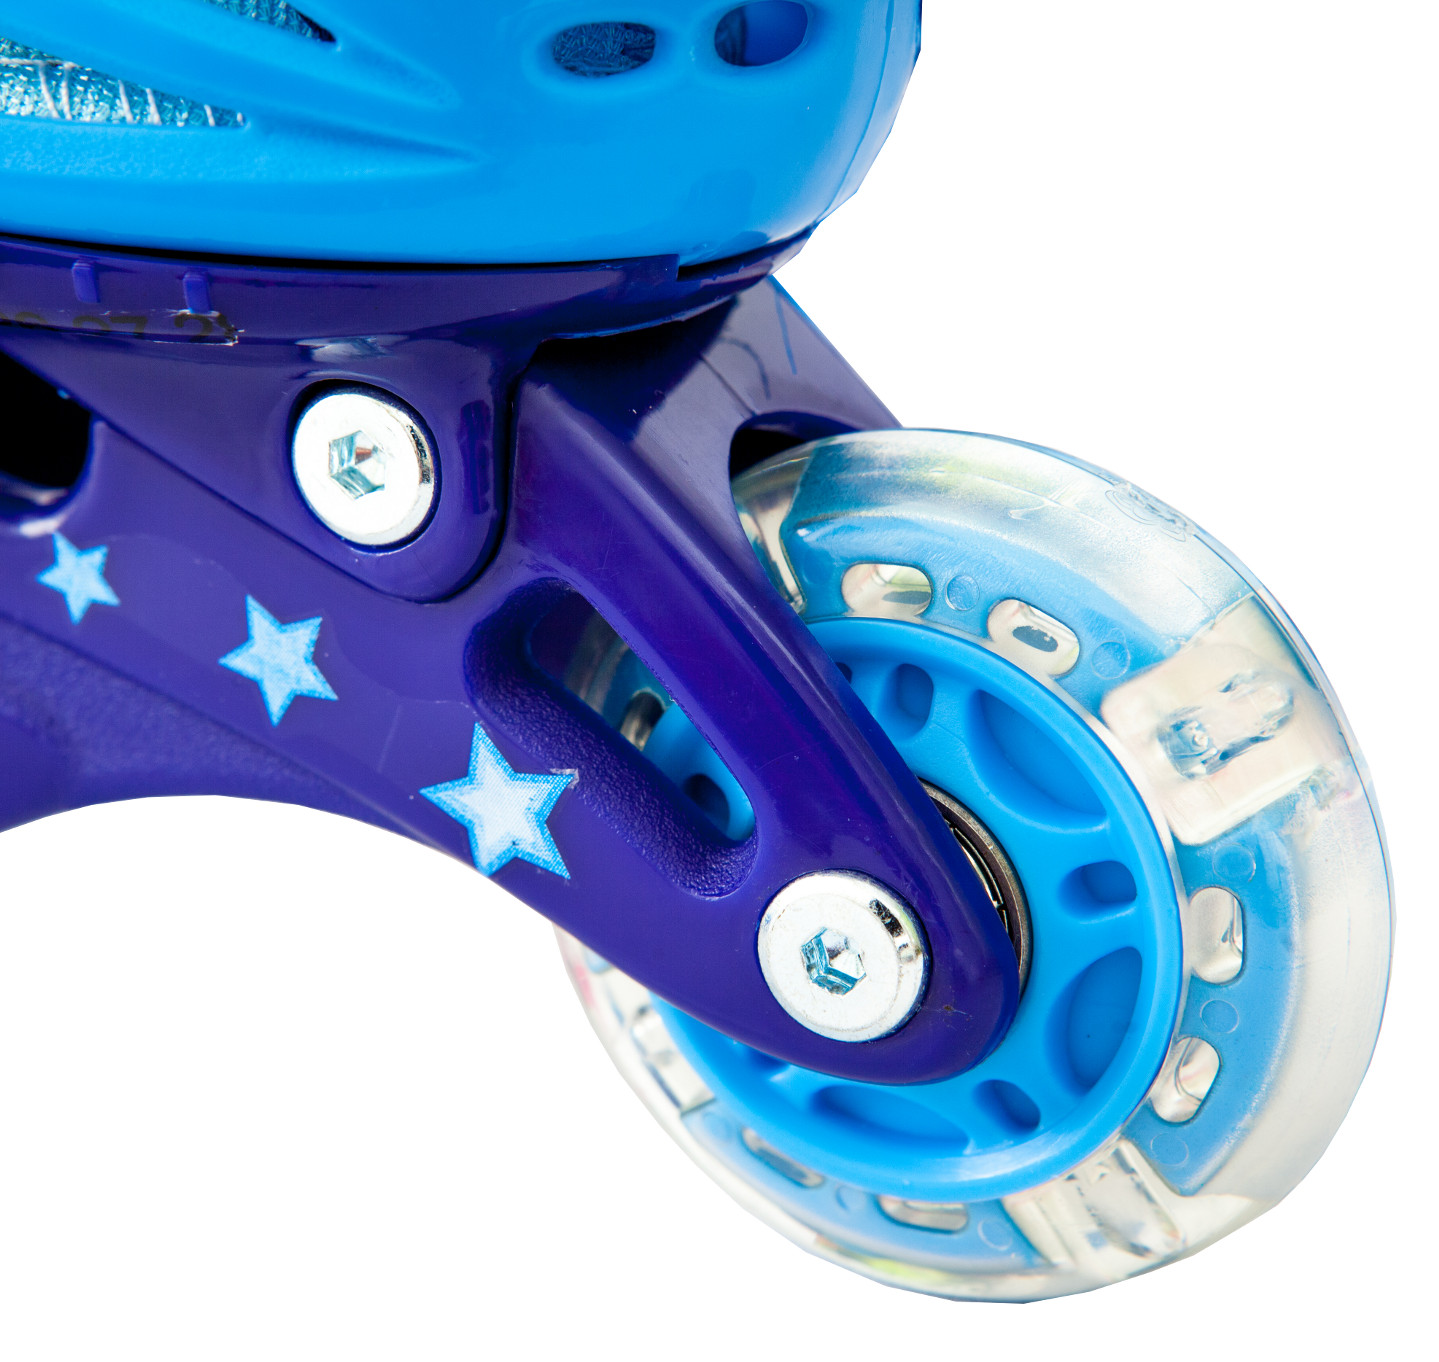 Ролики детские 26 размер, для обучения (трехколесные, раздвижной ботинок) MagicWheels зеленые, - фото 5